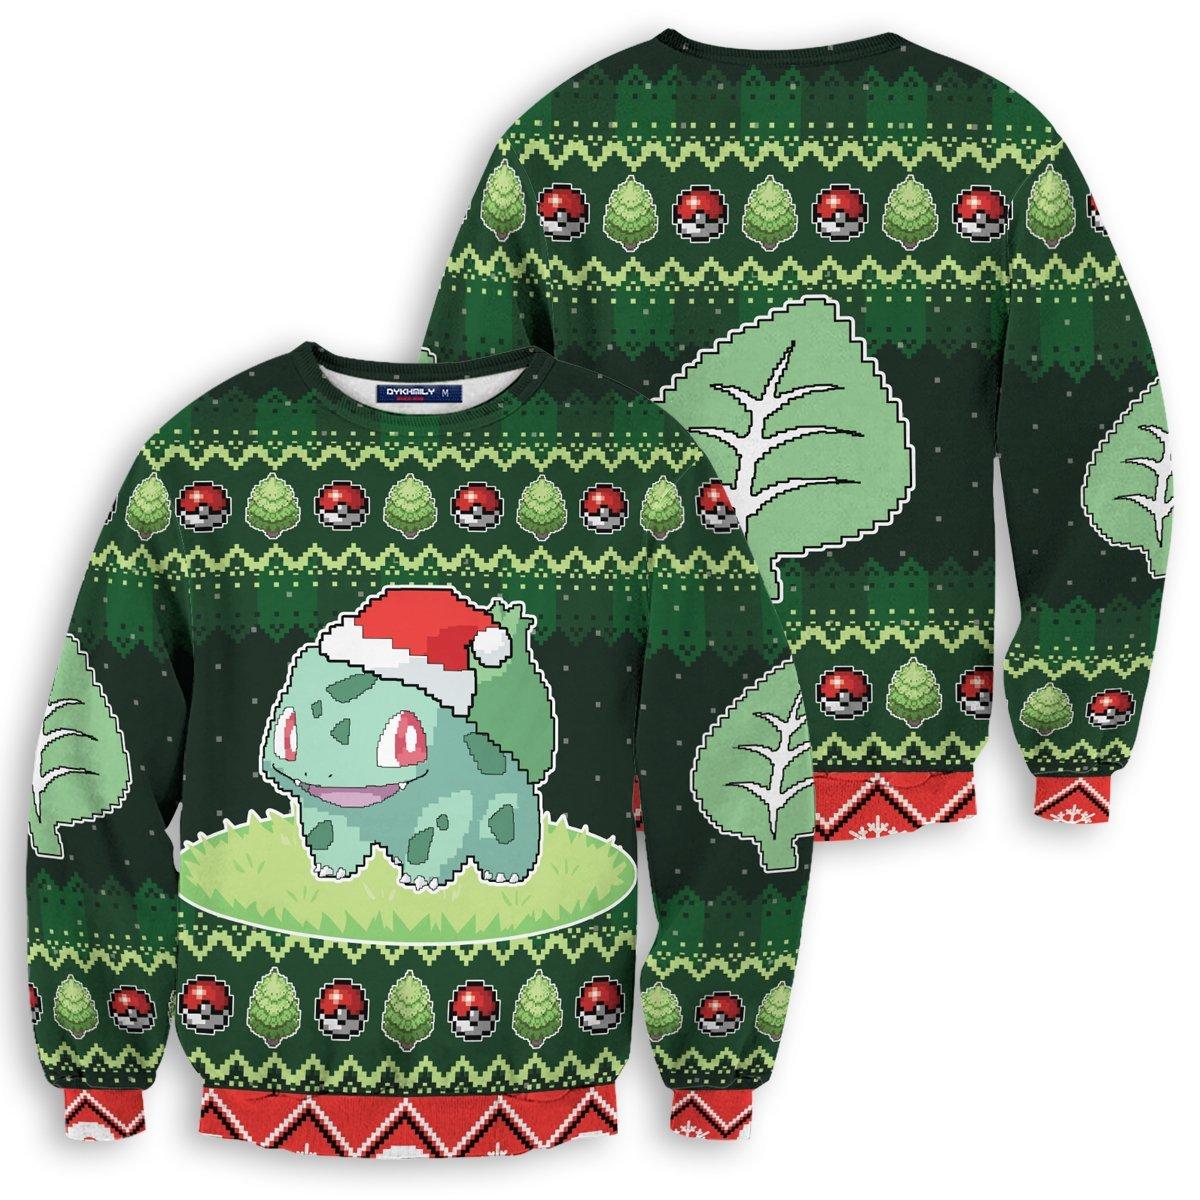 Christmas Bulbasaur Unisex Wool Sweater FDM0310 S Official Otaku Treat Merch